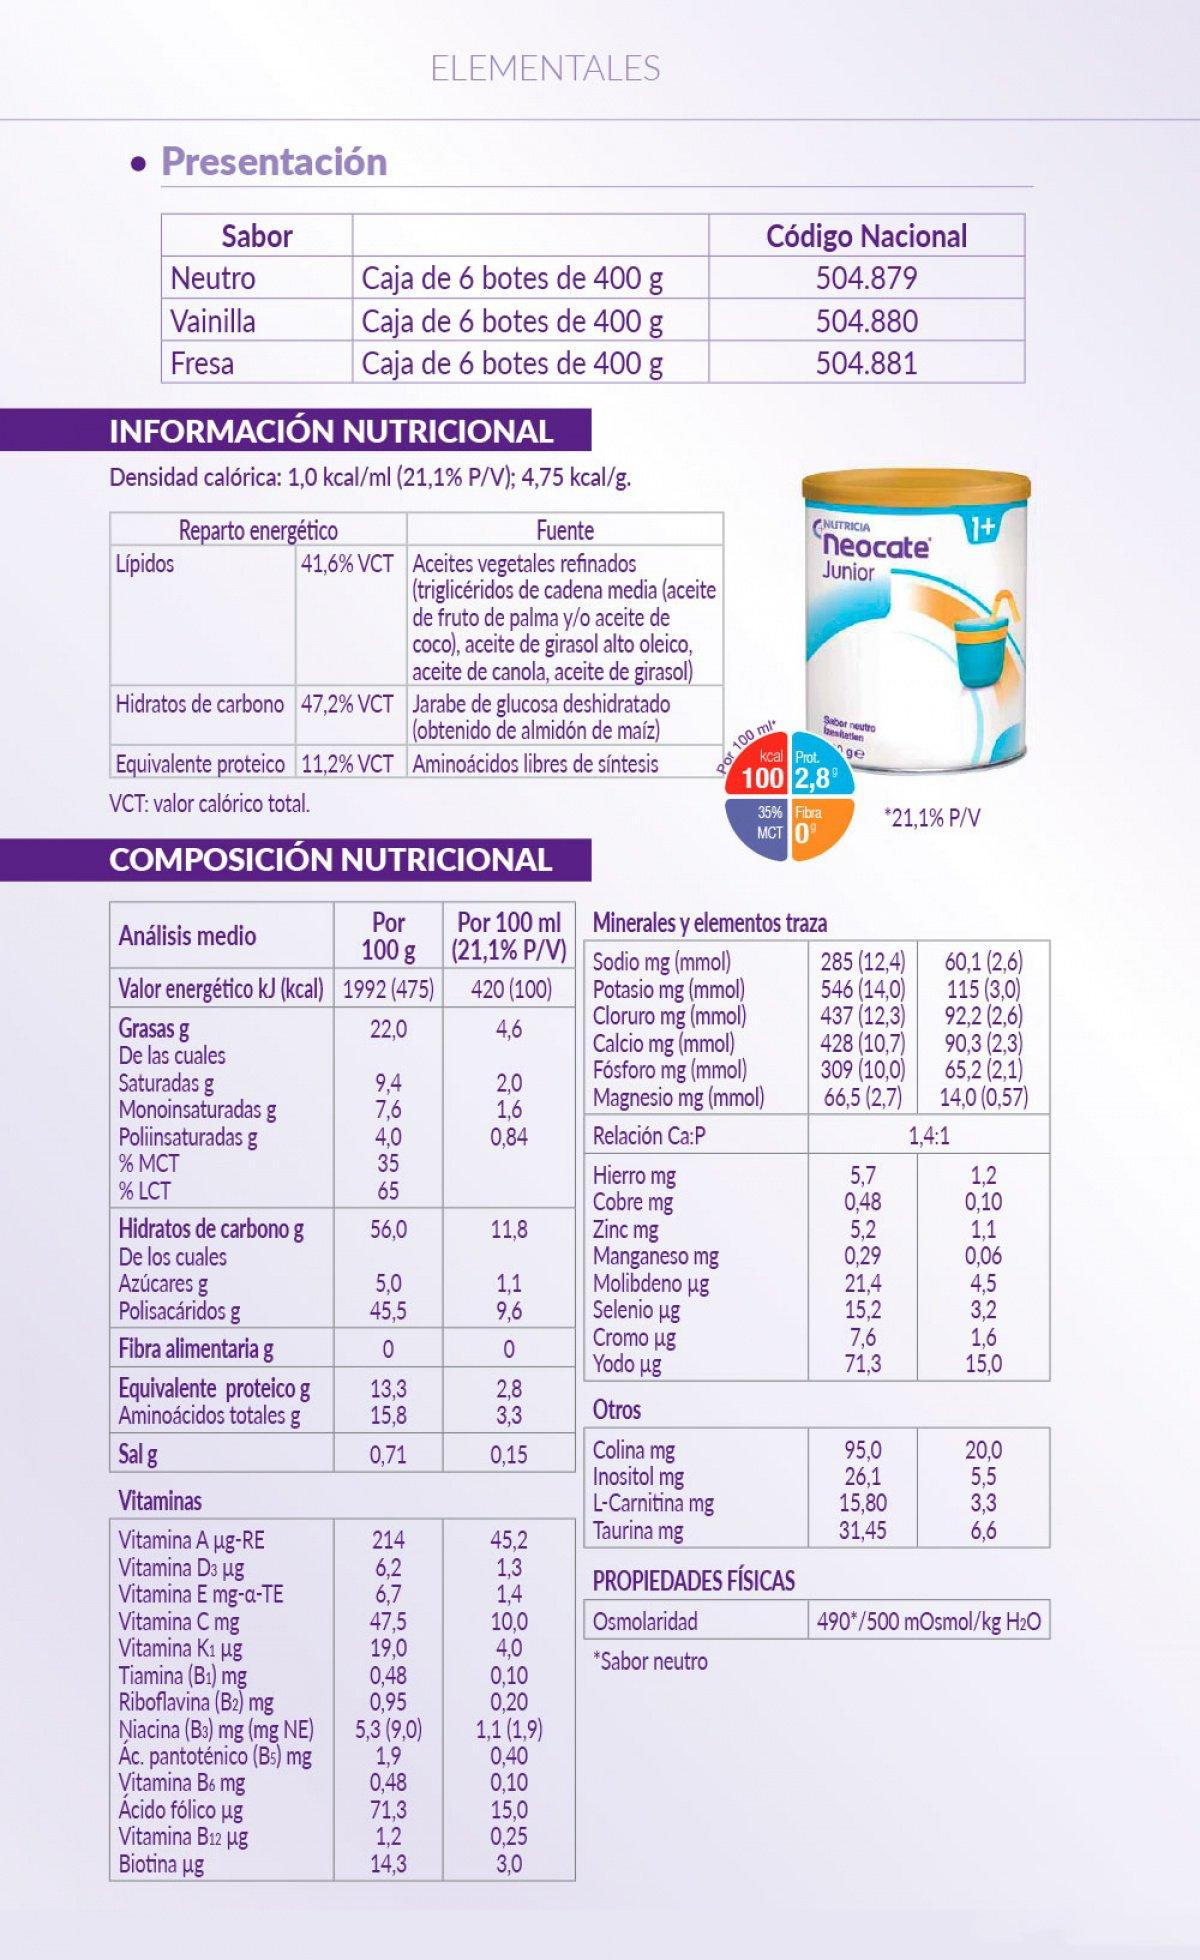 Información de Neocate Junior